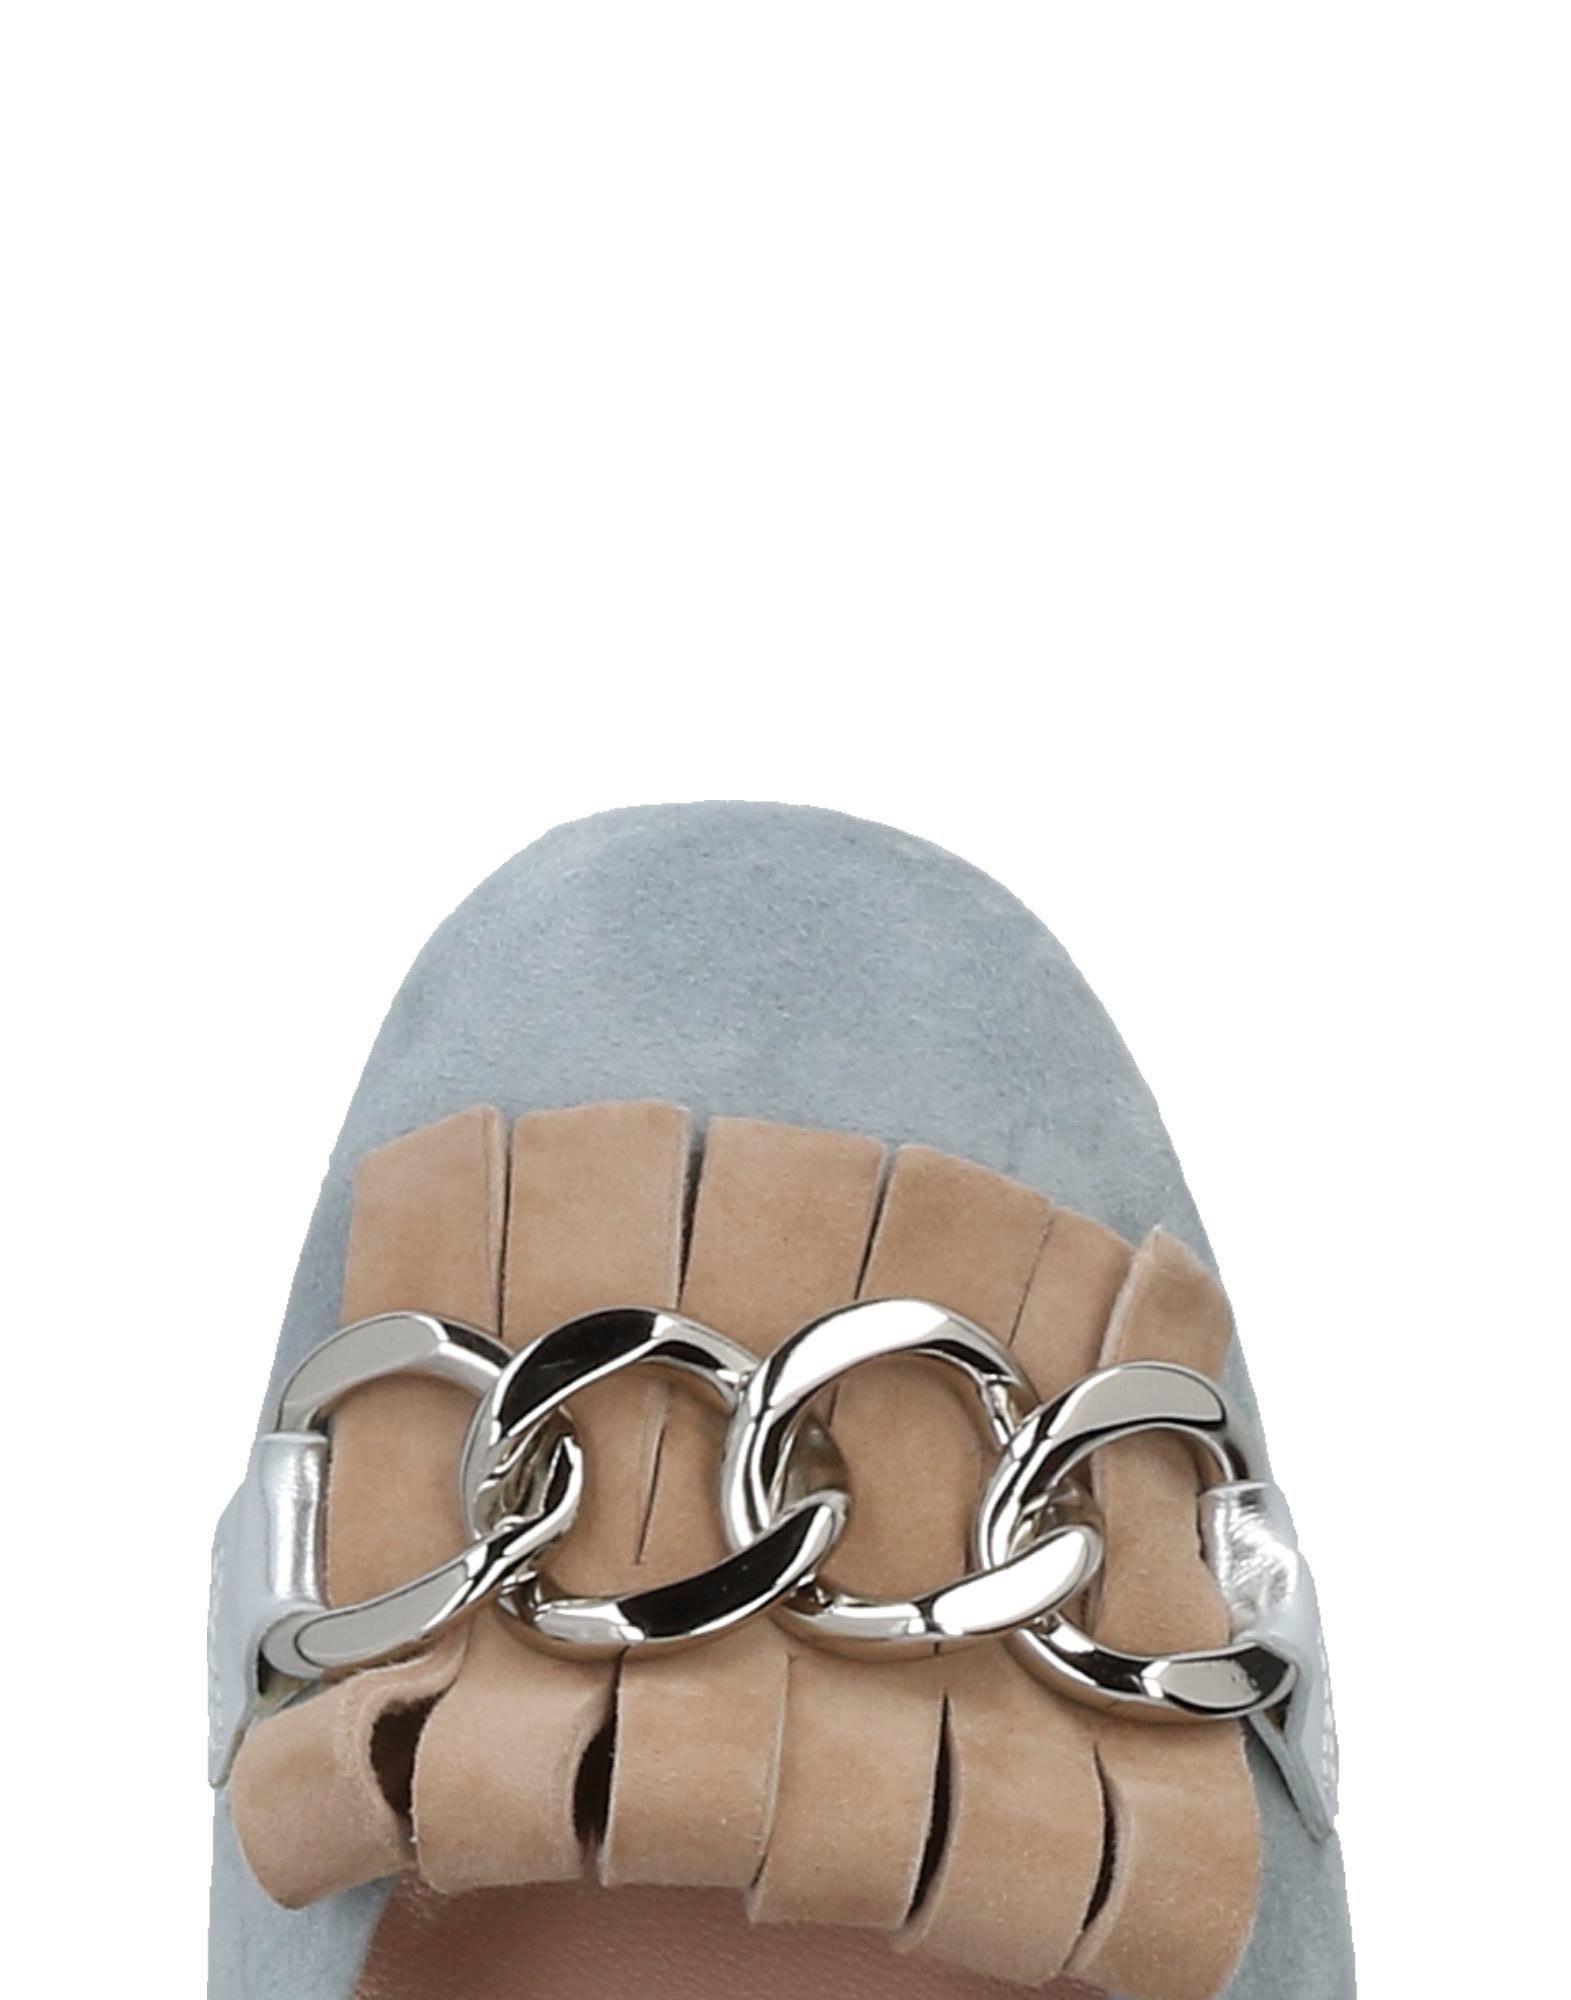 Voltan Mokassins Damen  11441156DL Schuhe Gute Qualität beliebte Schuhe 11441156DL 2e8a20